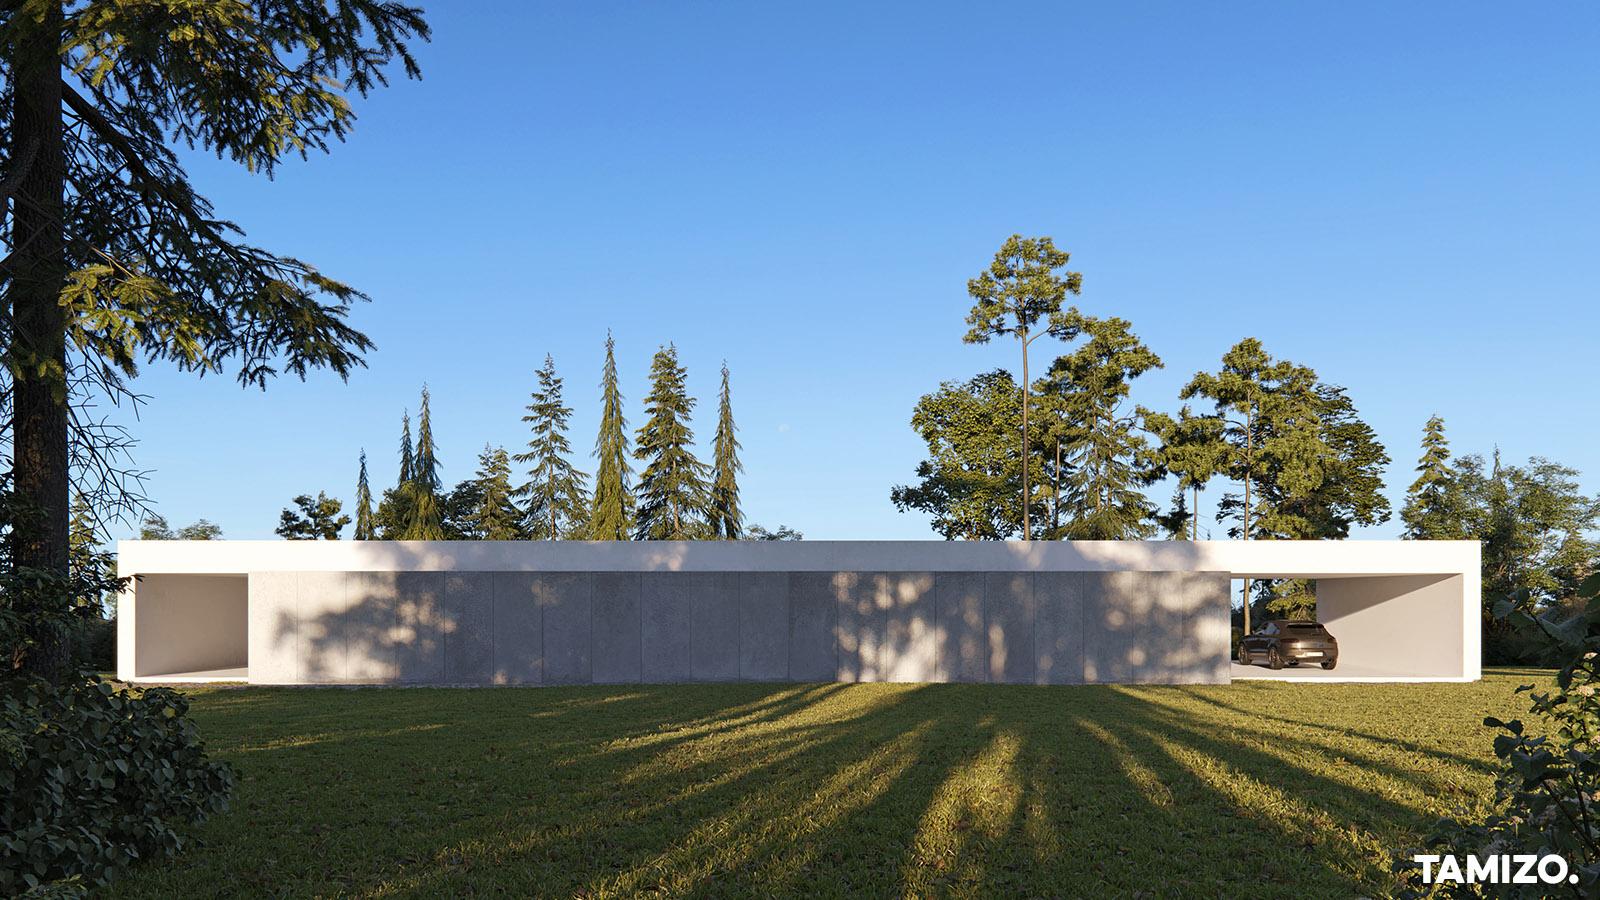 A097_tamizo_dom_jednorodzinny_architekci_lodz_rezydencja_house_projekt_domu_minimalistyczny_07